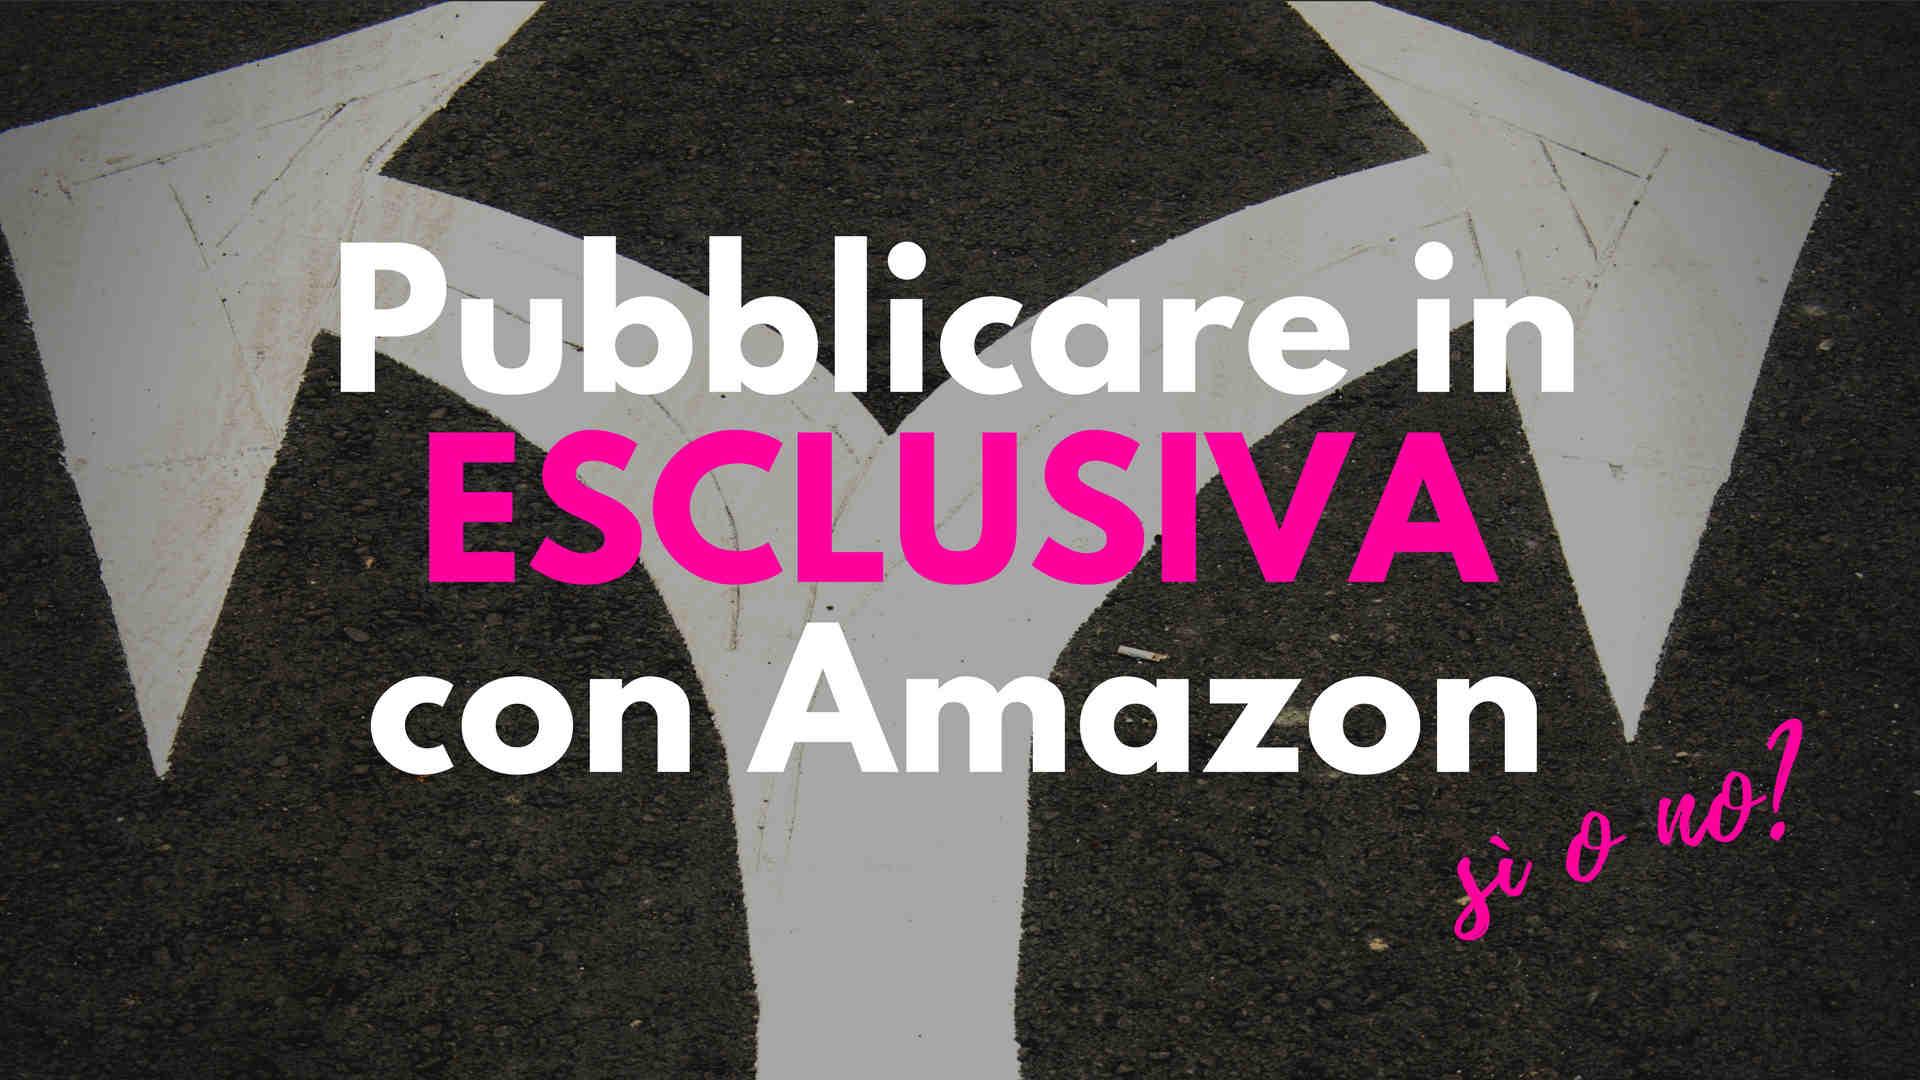 Pubblicare in esclusiva con Amazon